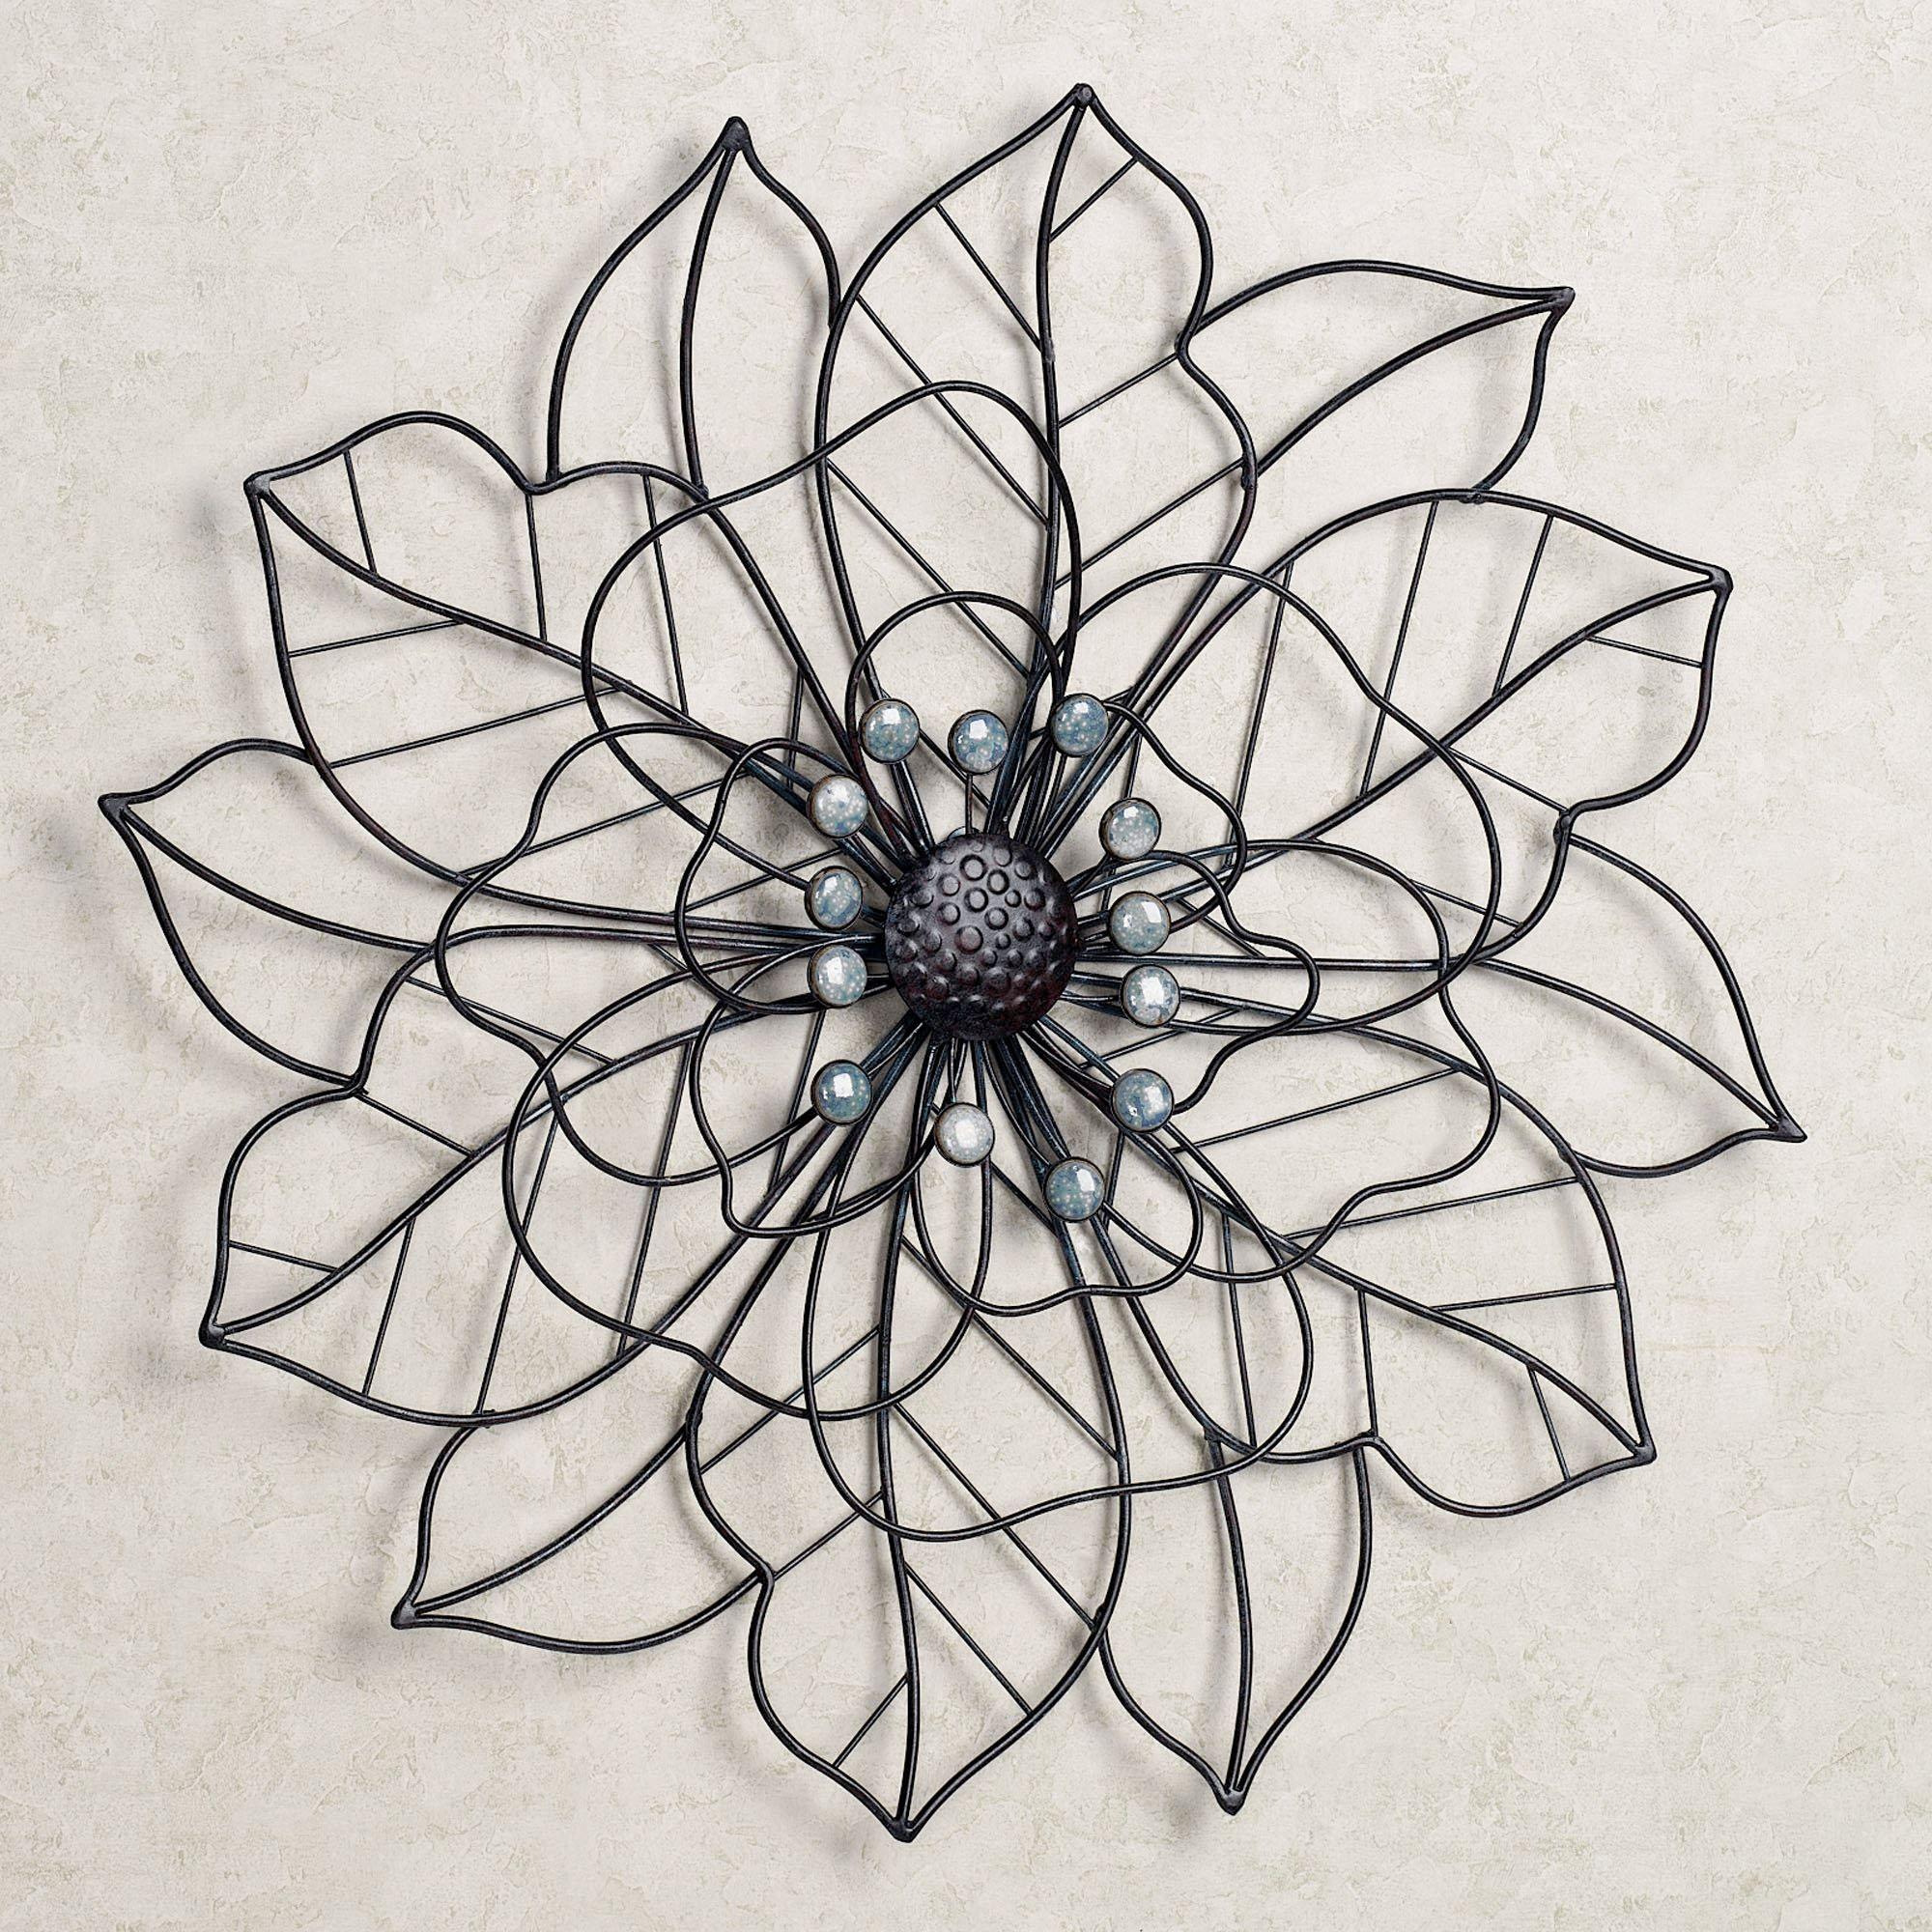 Beauty In Bloom Flower Blossom Metal Wall Art With Images Metal Tree Wall Art Metal Wall Art Decor Metal Tree